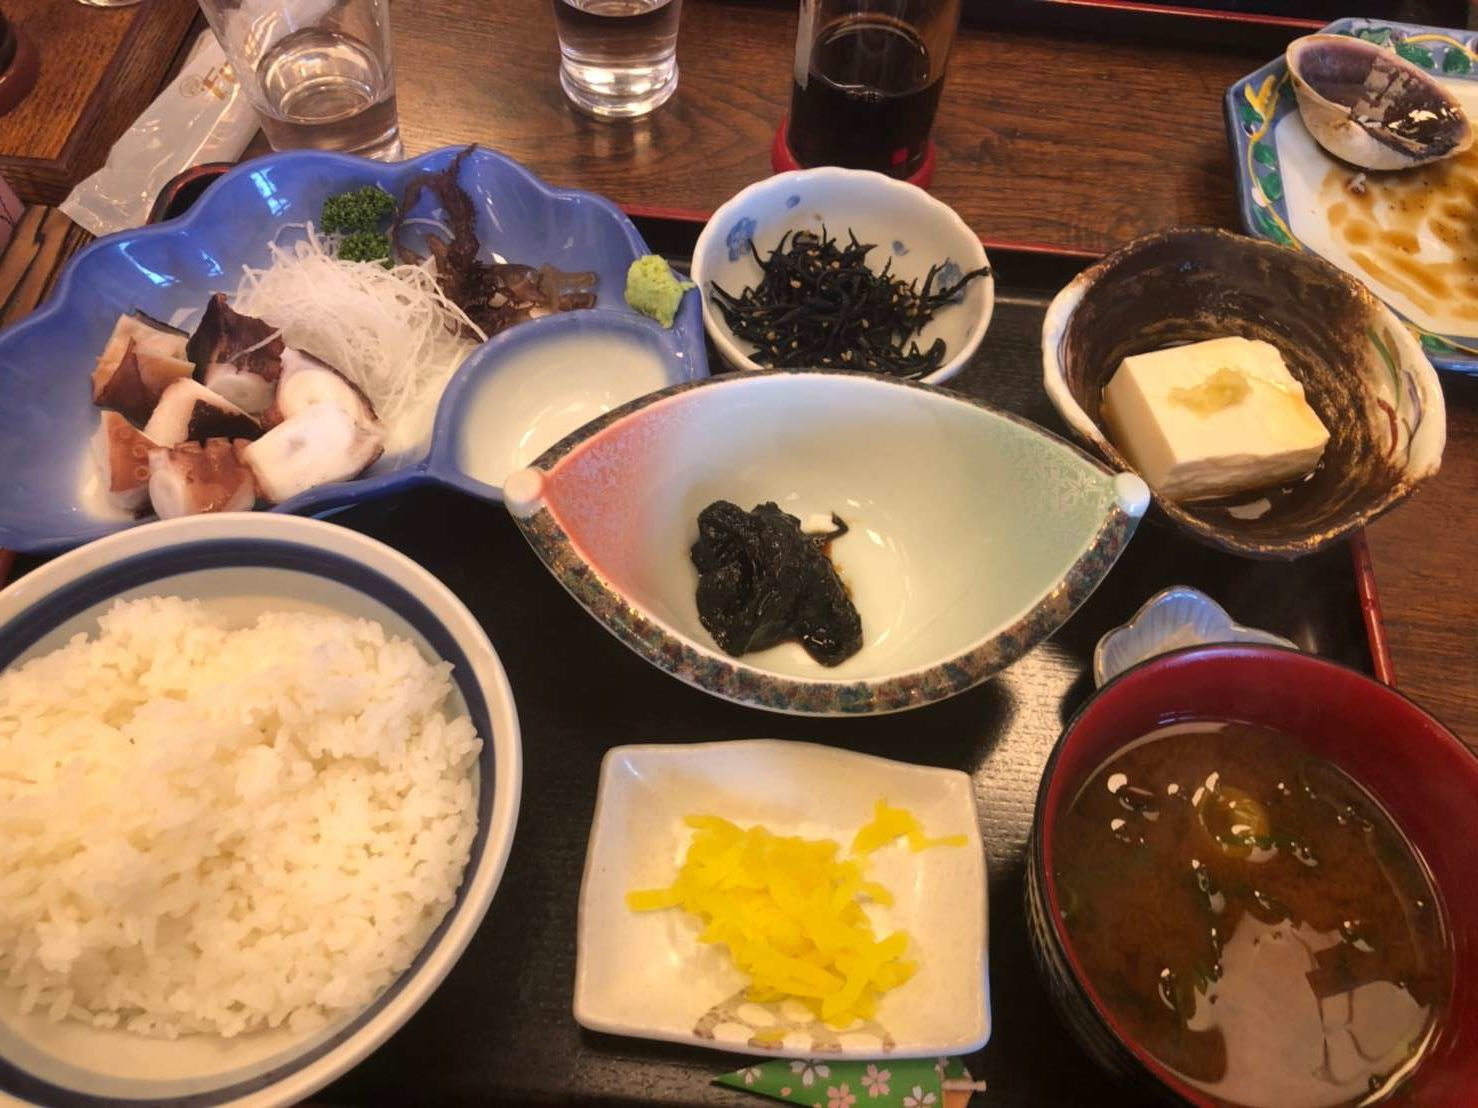 日間賀島 乙姫 たこぶつ定食